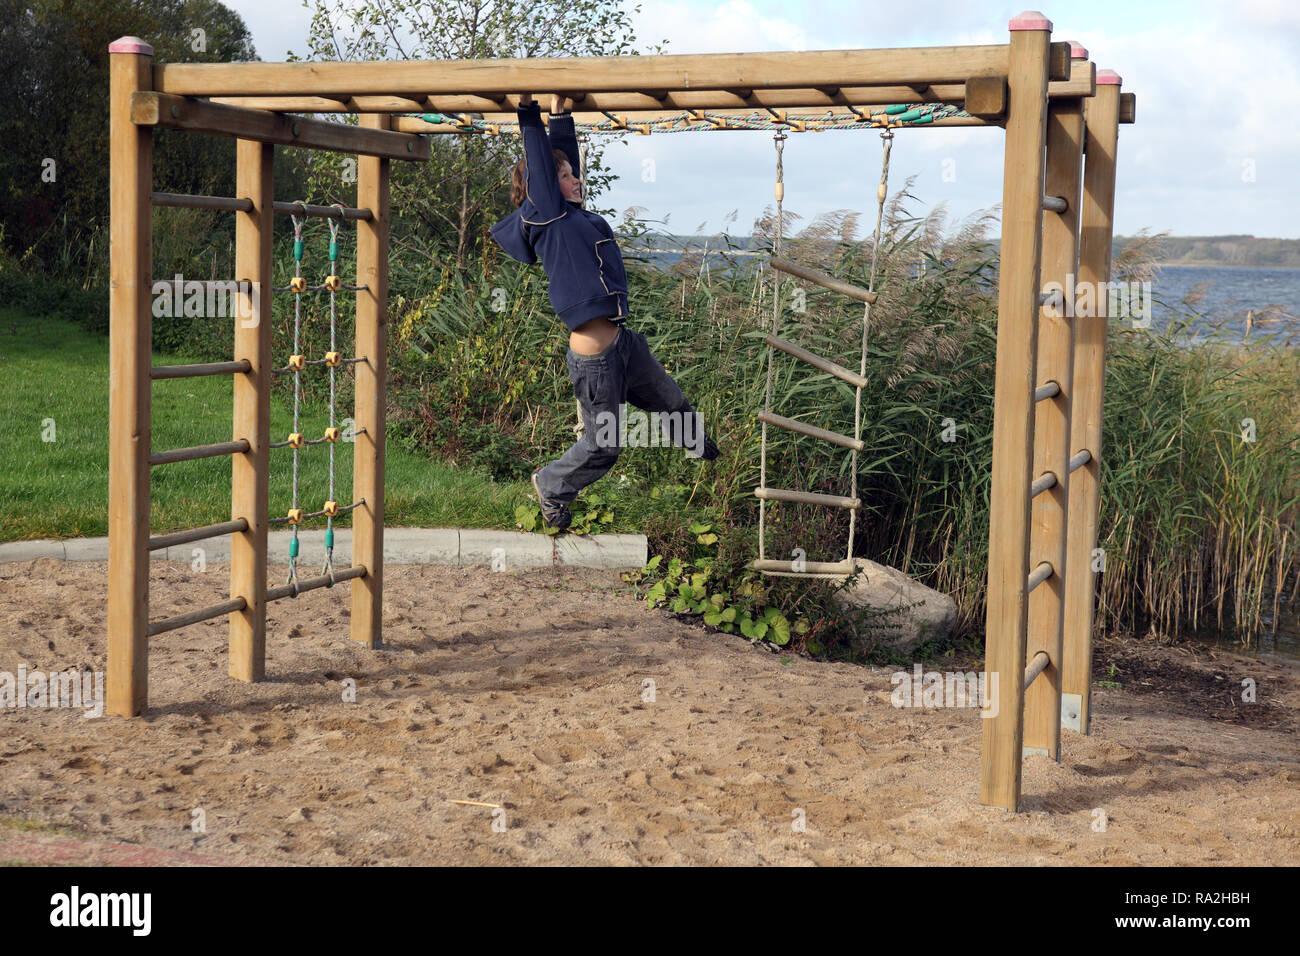 Klettergerüst Artikel : Gardenplaza kreatives spiel im heimischen garten u klettergerüst